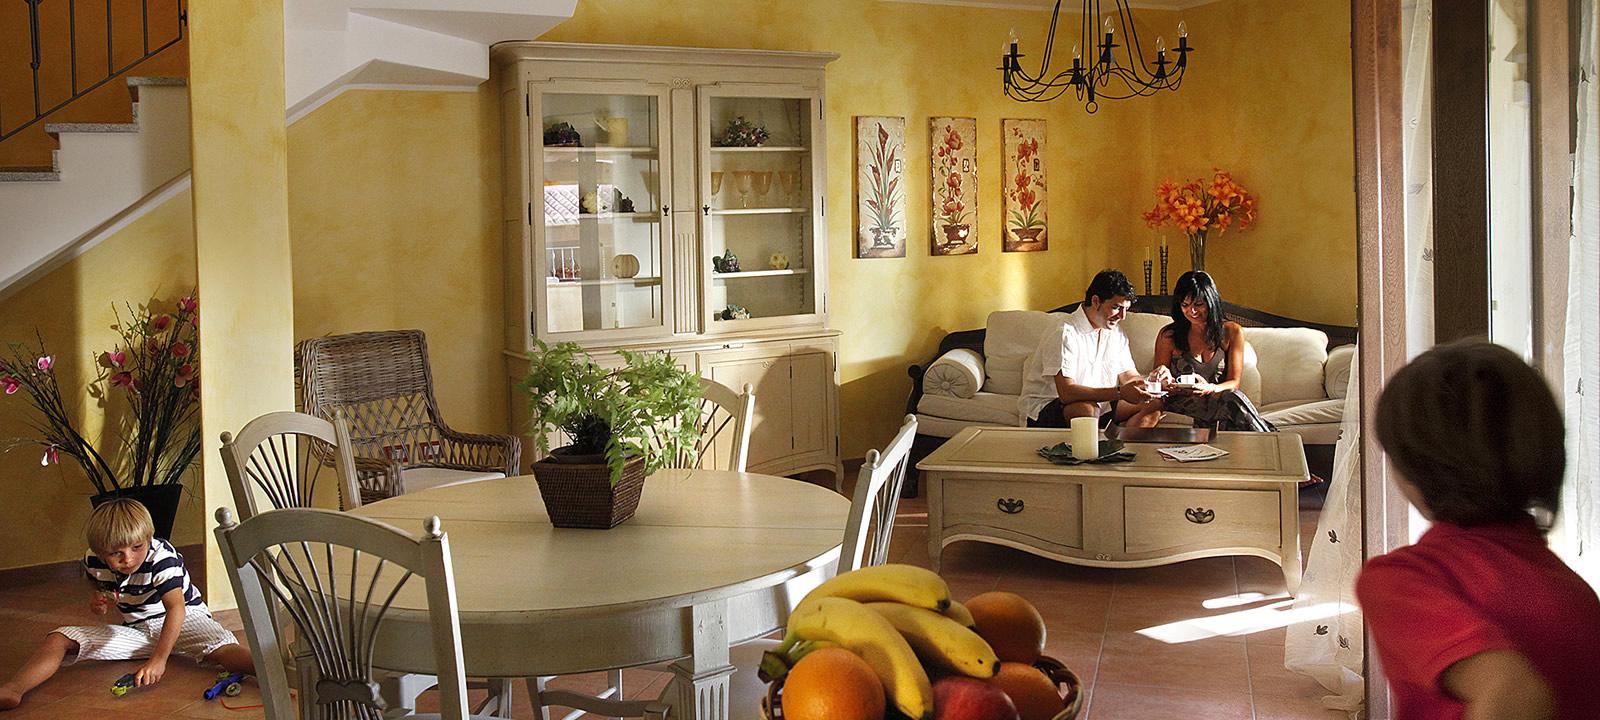 Interno di una villetta, appartamento in vendita a Villasimius, Agorà Immobiliare